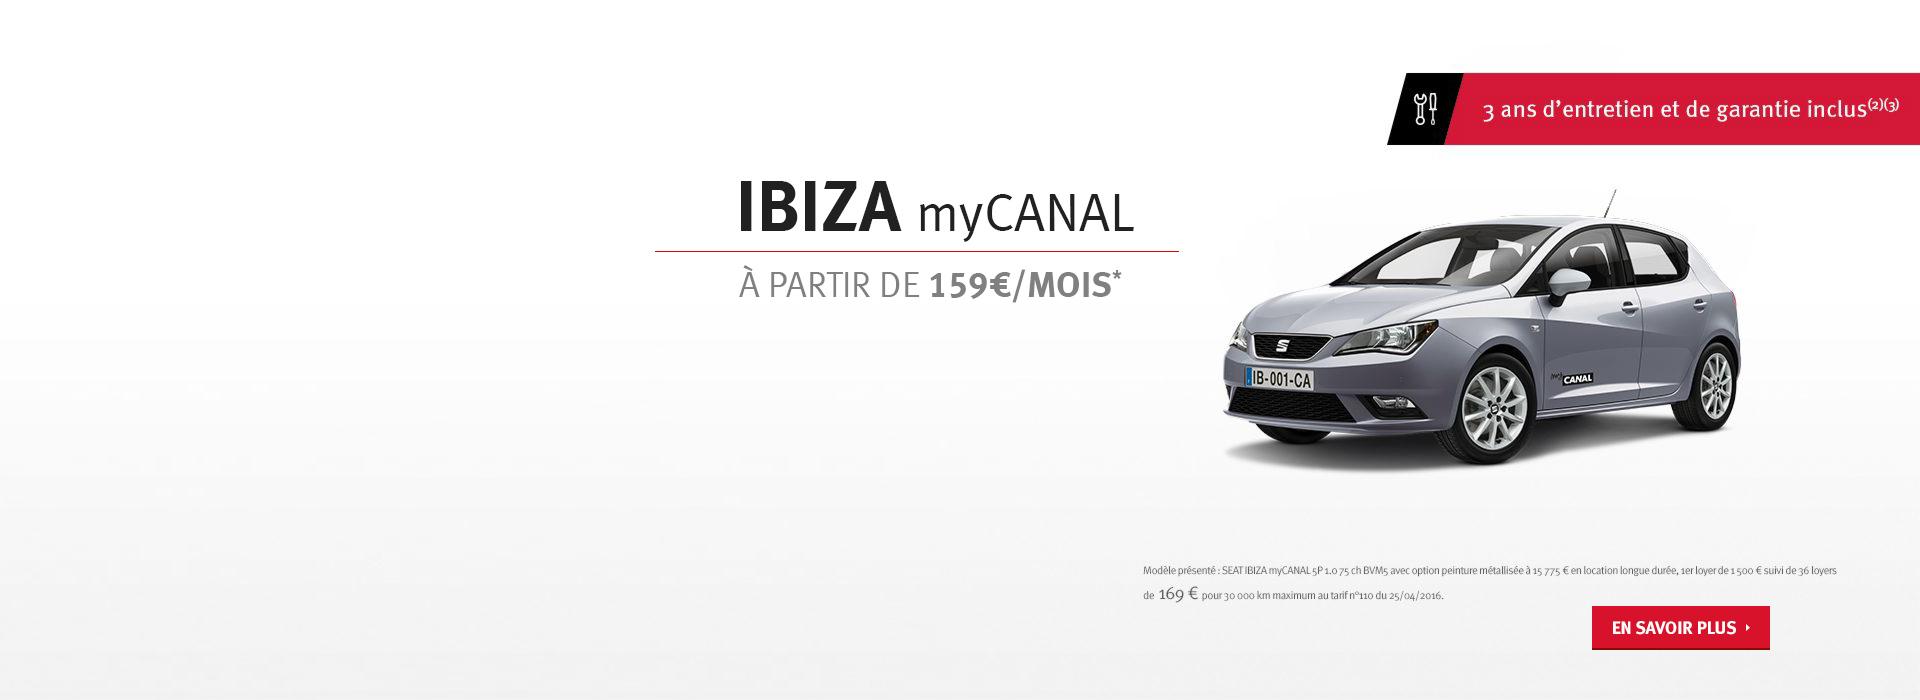 Offre Ibiza